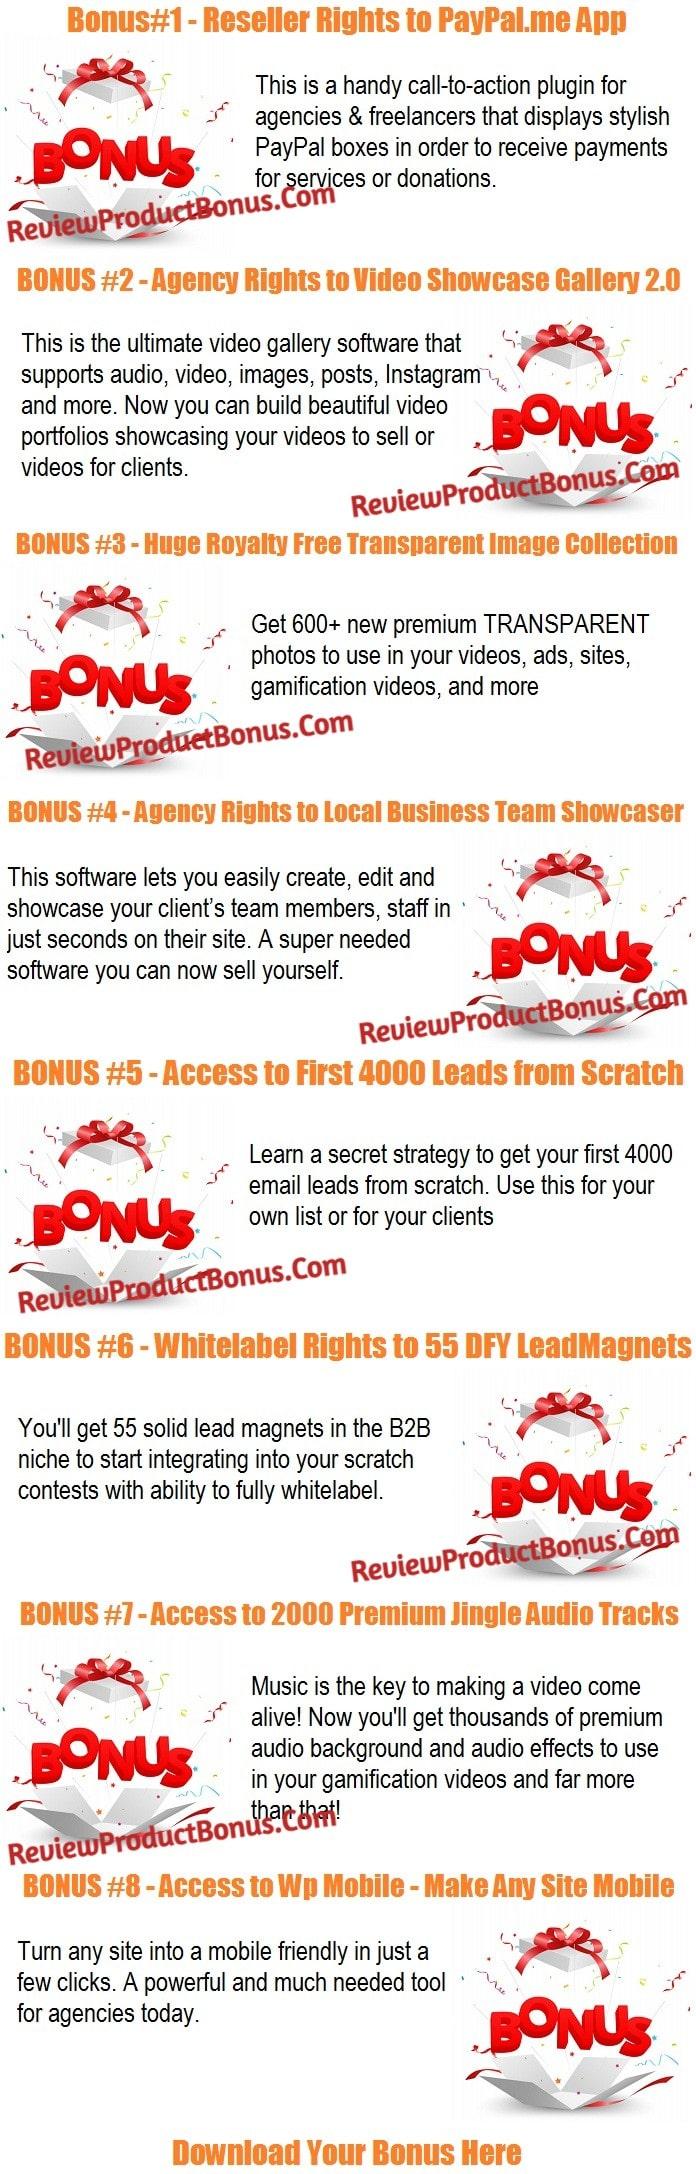 VideoGameSuite Bonus